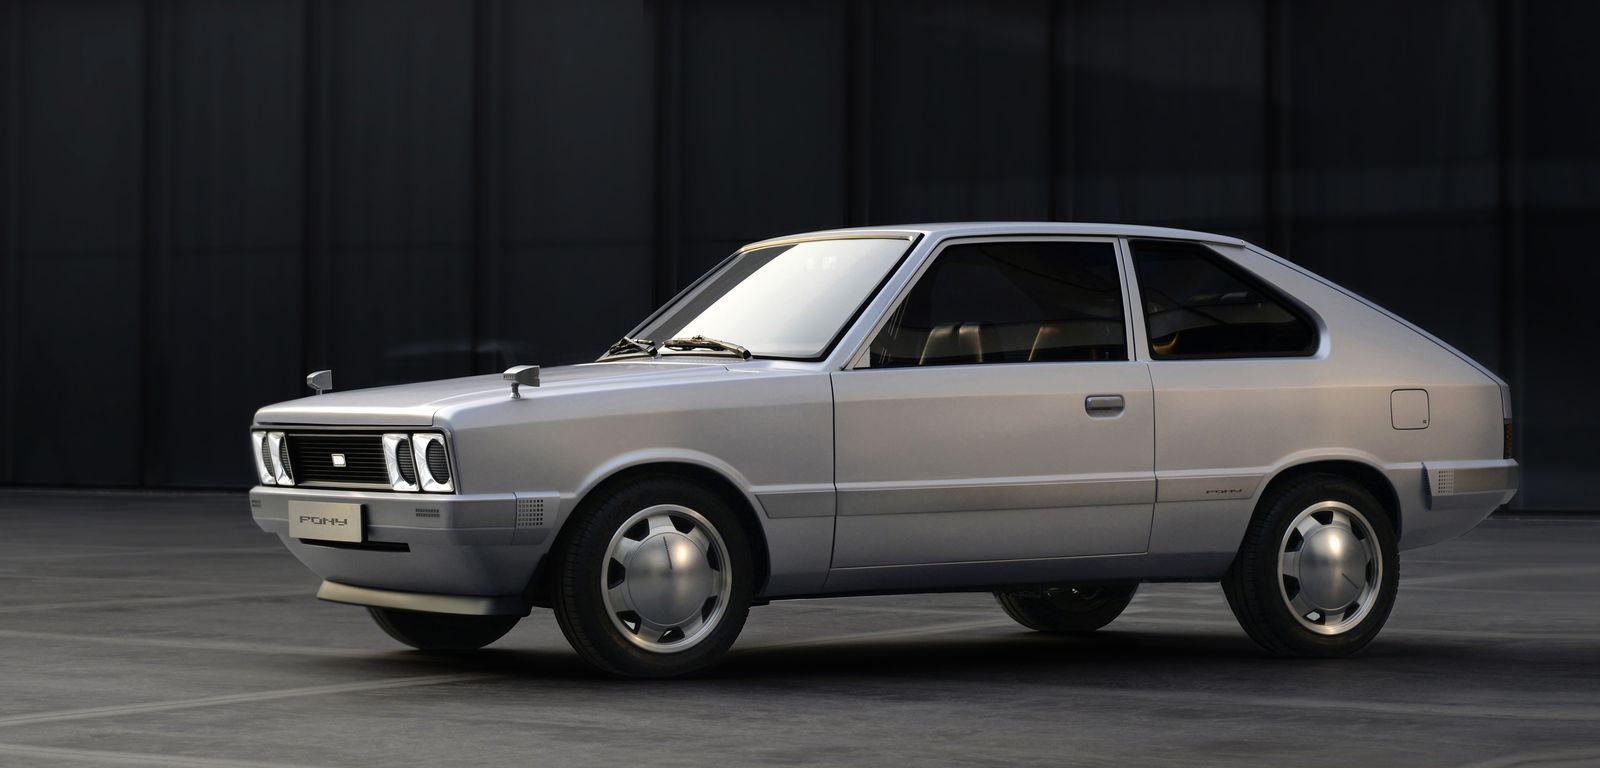 HyundaiPony_2021_AutoRok_10